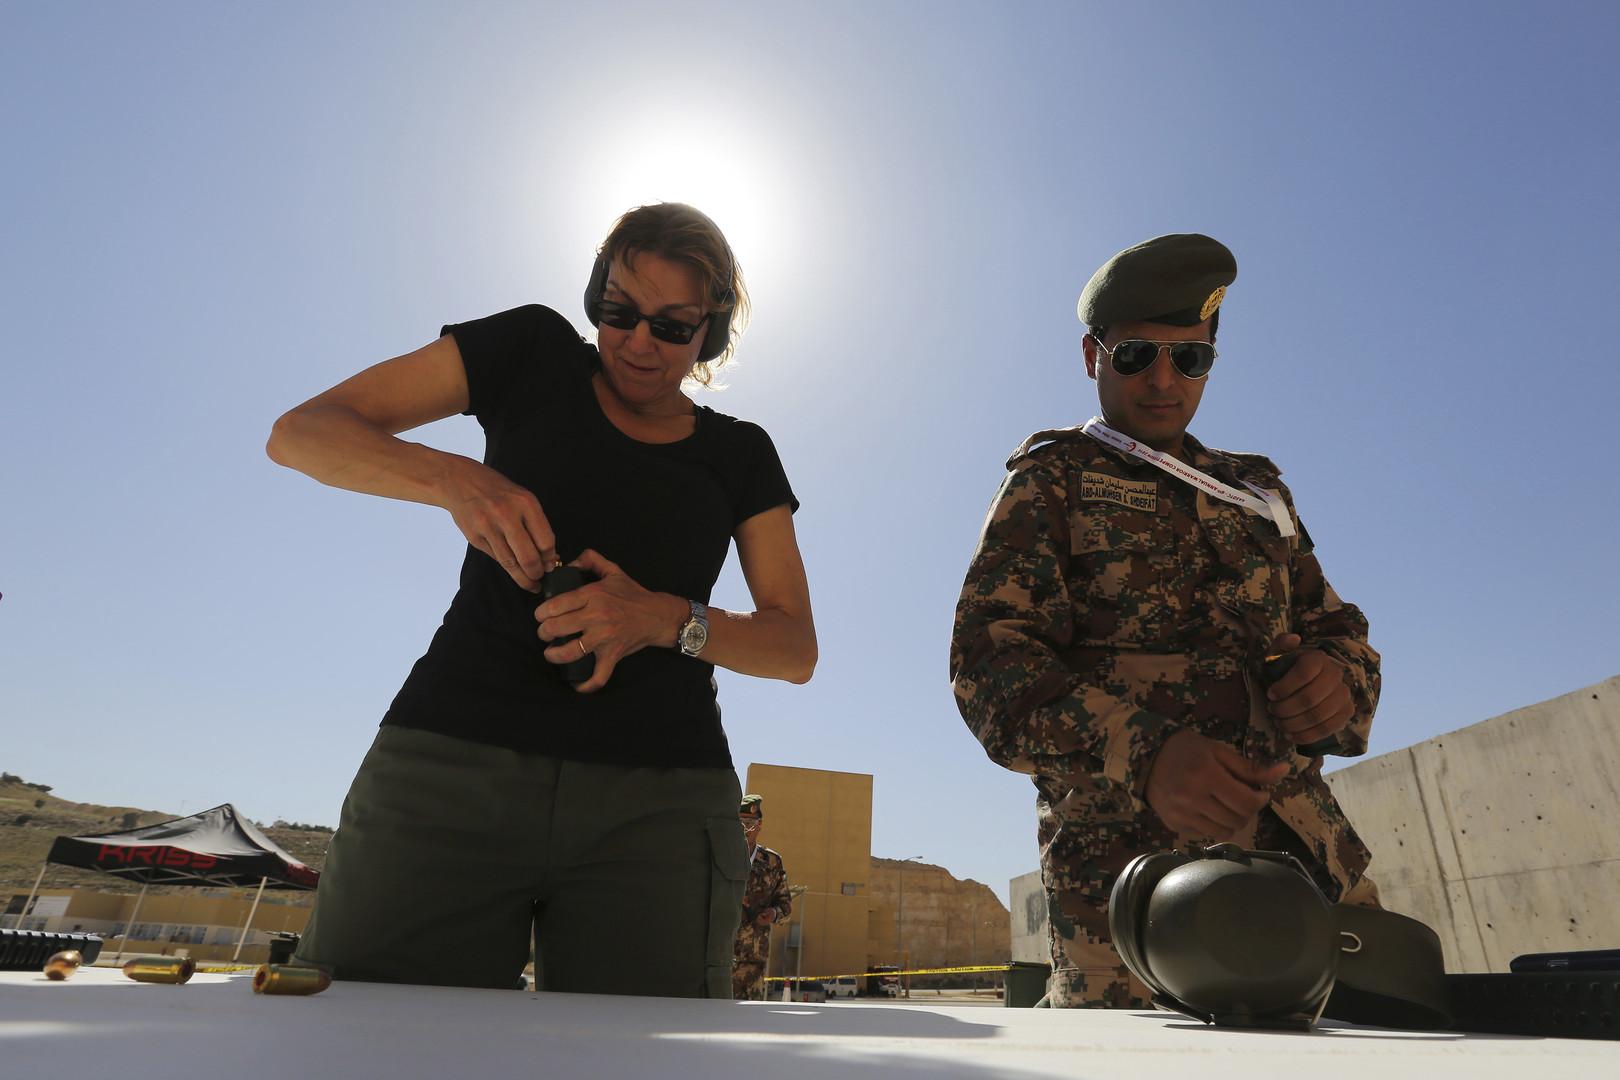 جندي  أردني إلى جانب عضوة من وفد أمريكي تستعد لإطلاق النار من سلاح أوتوماتيكي جديد في مسابقة المحارب السنوية السادسة في مركز الملك عبدالله للتدريب على العمليات الخاصة في عمان